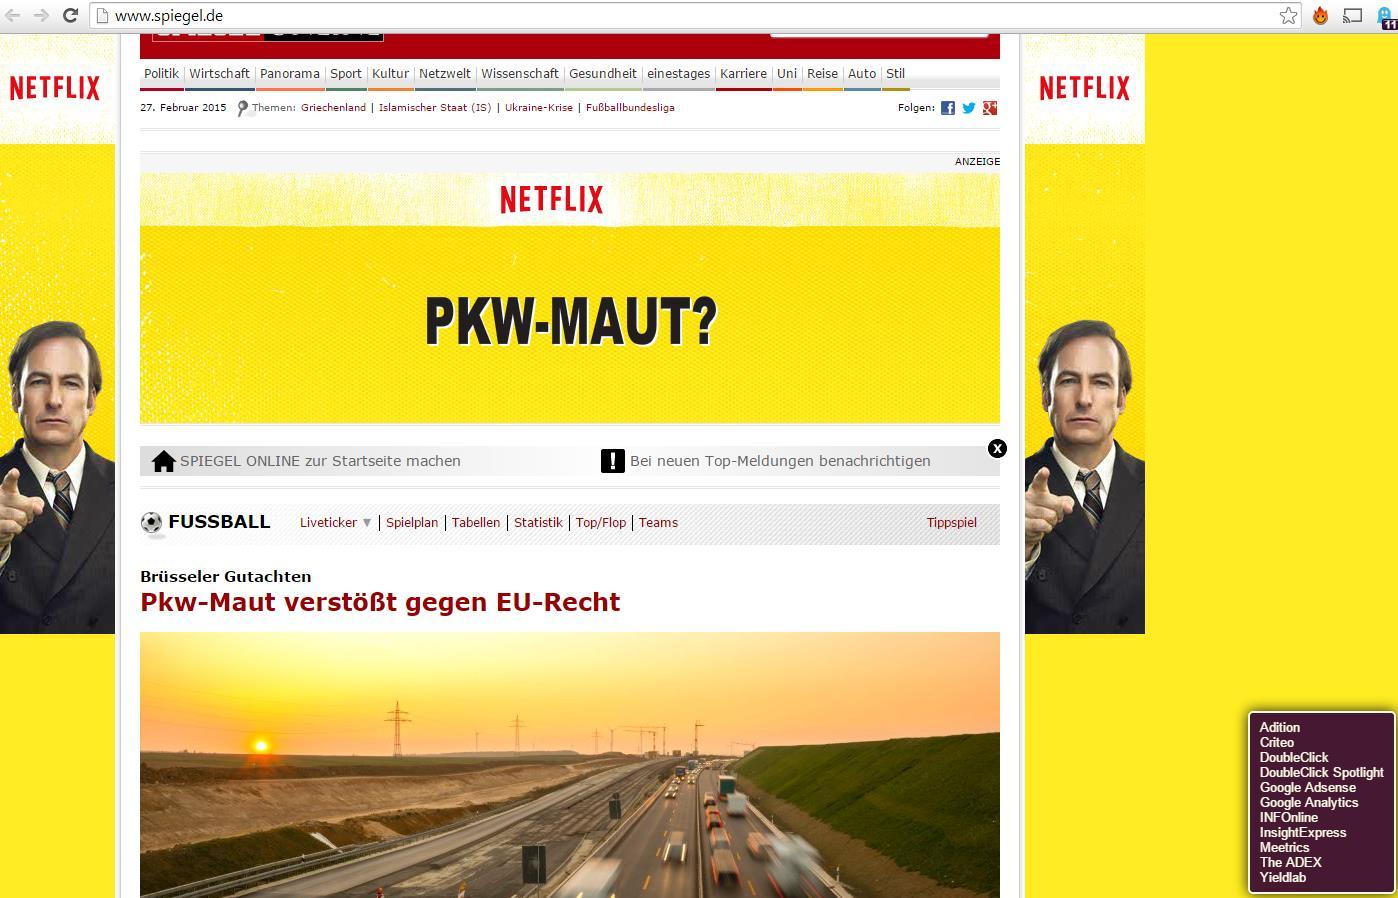 Netflix 2015; Spiegel Online